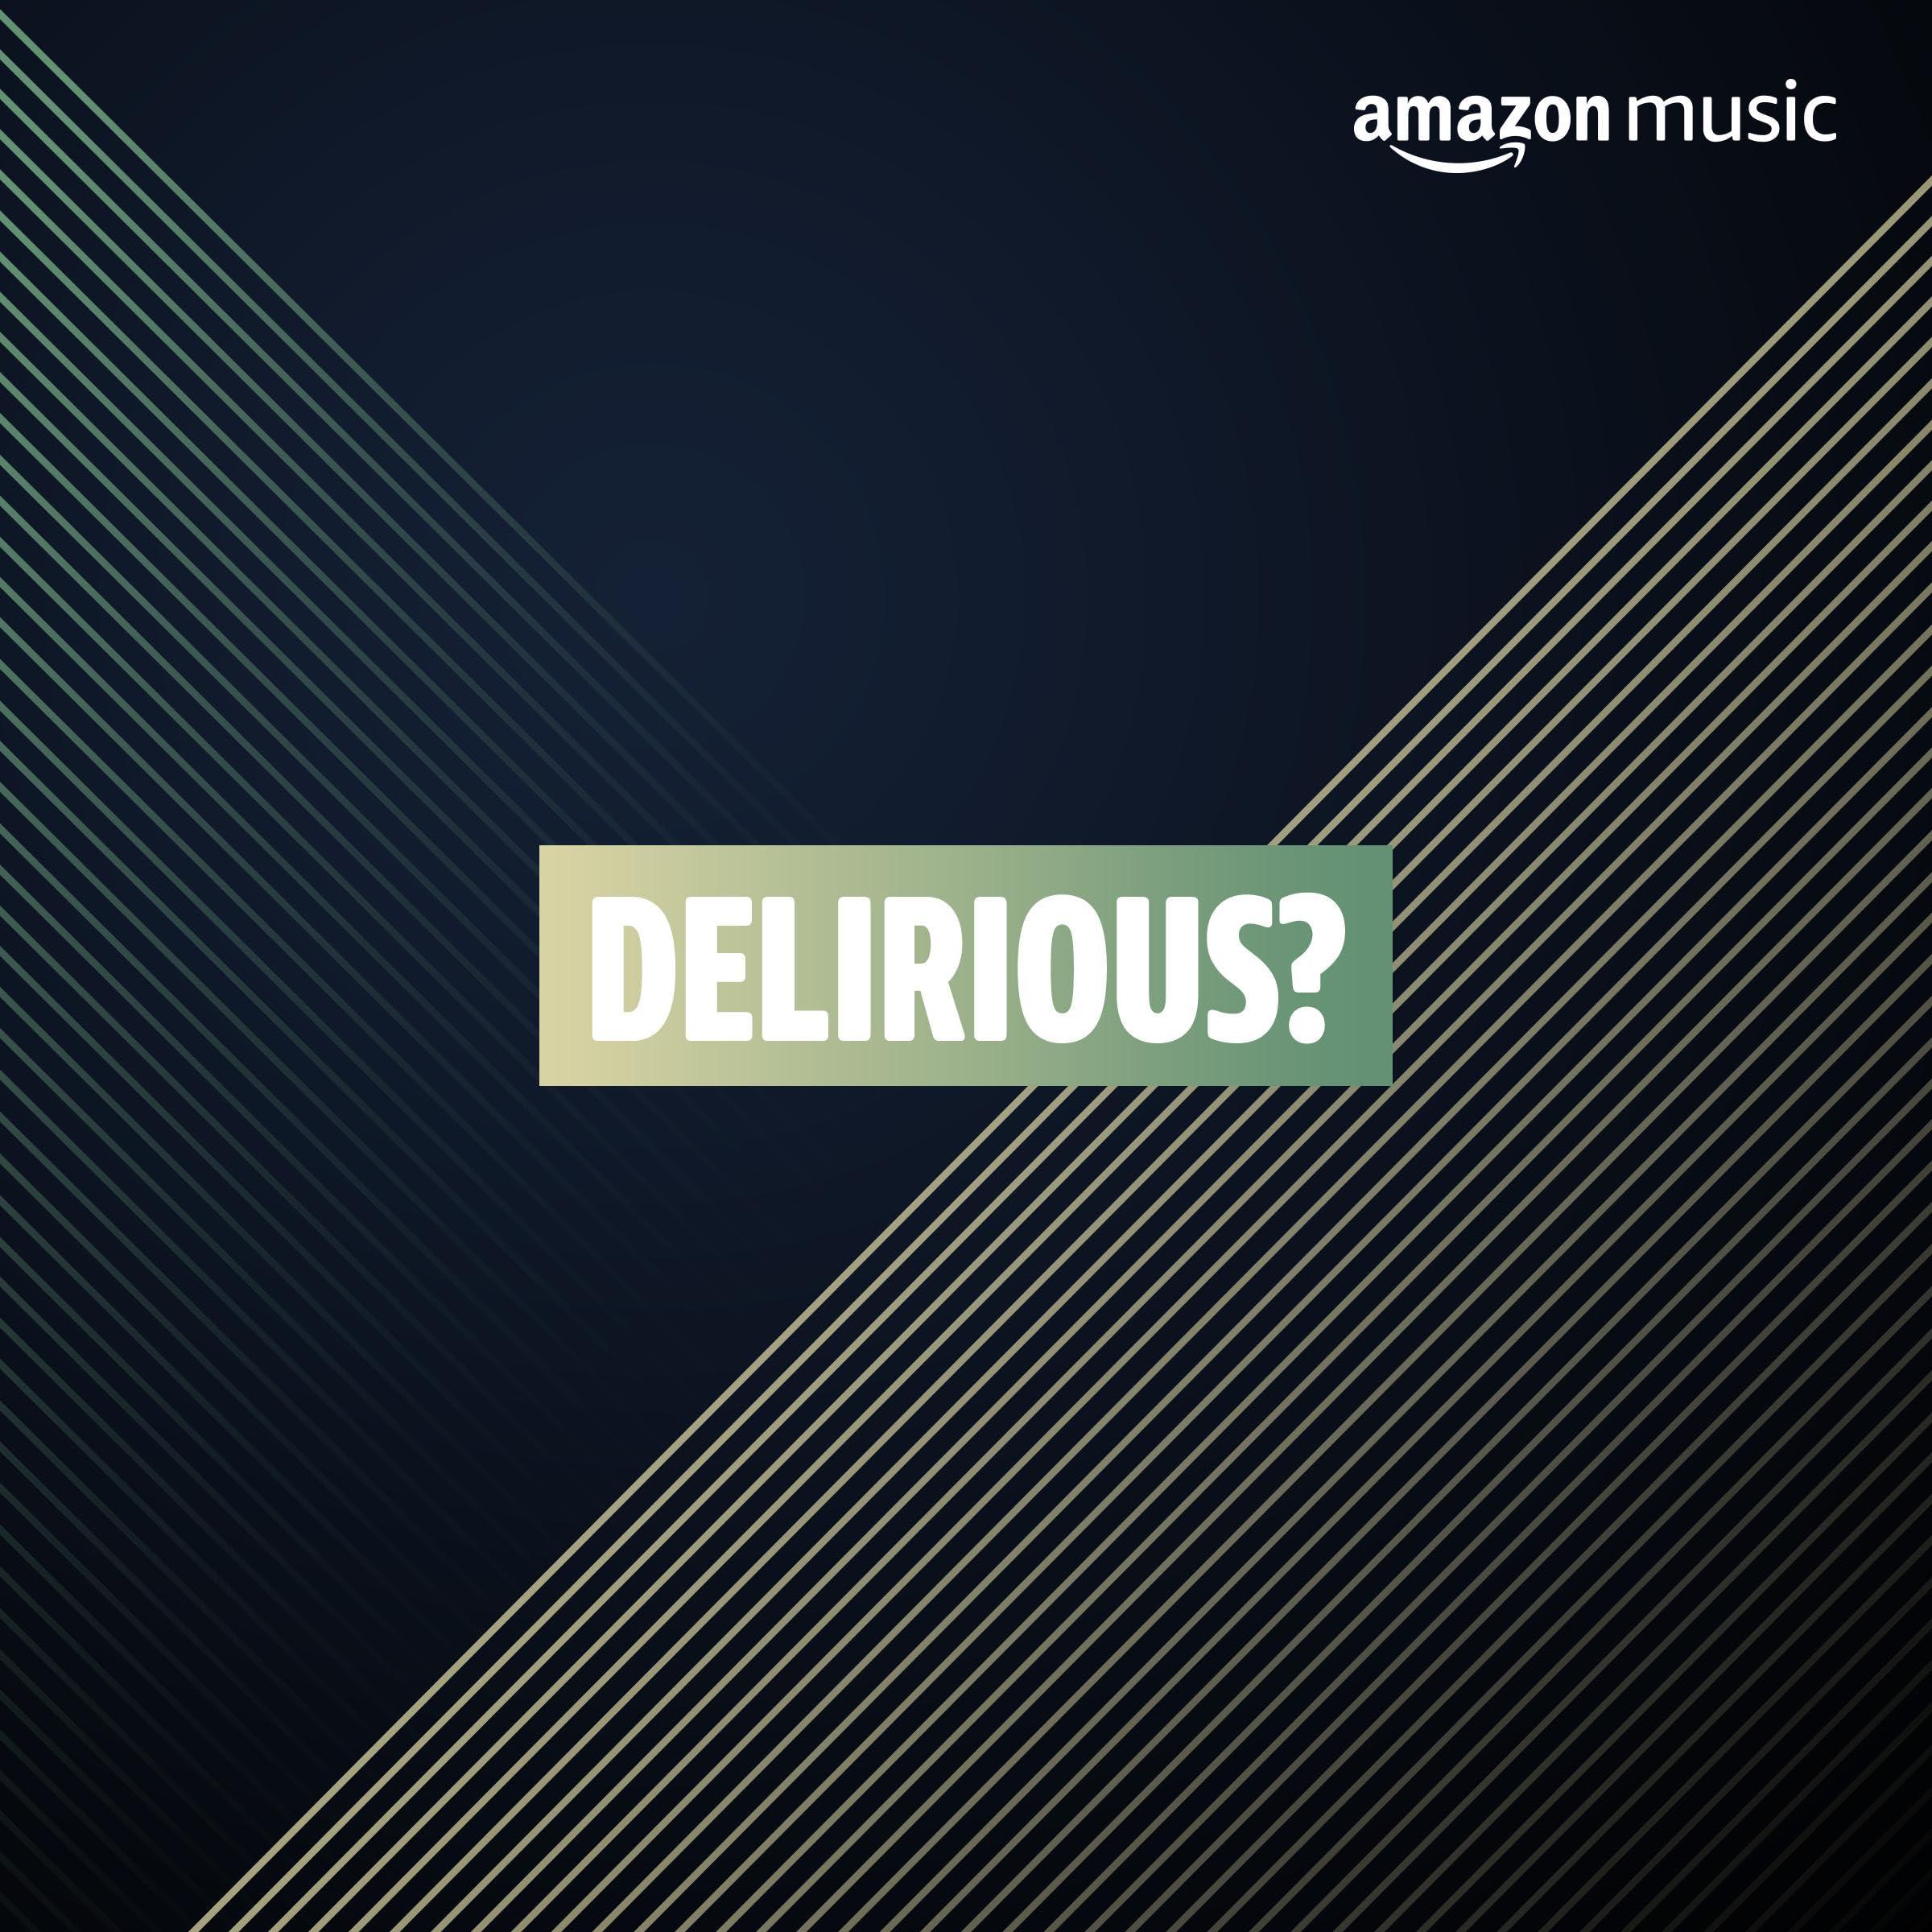 Delirious?